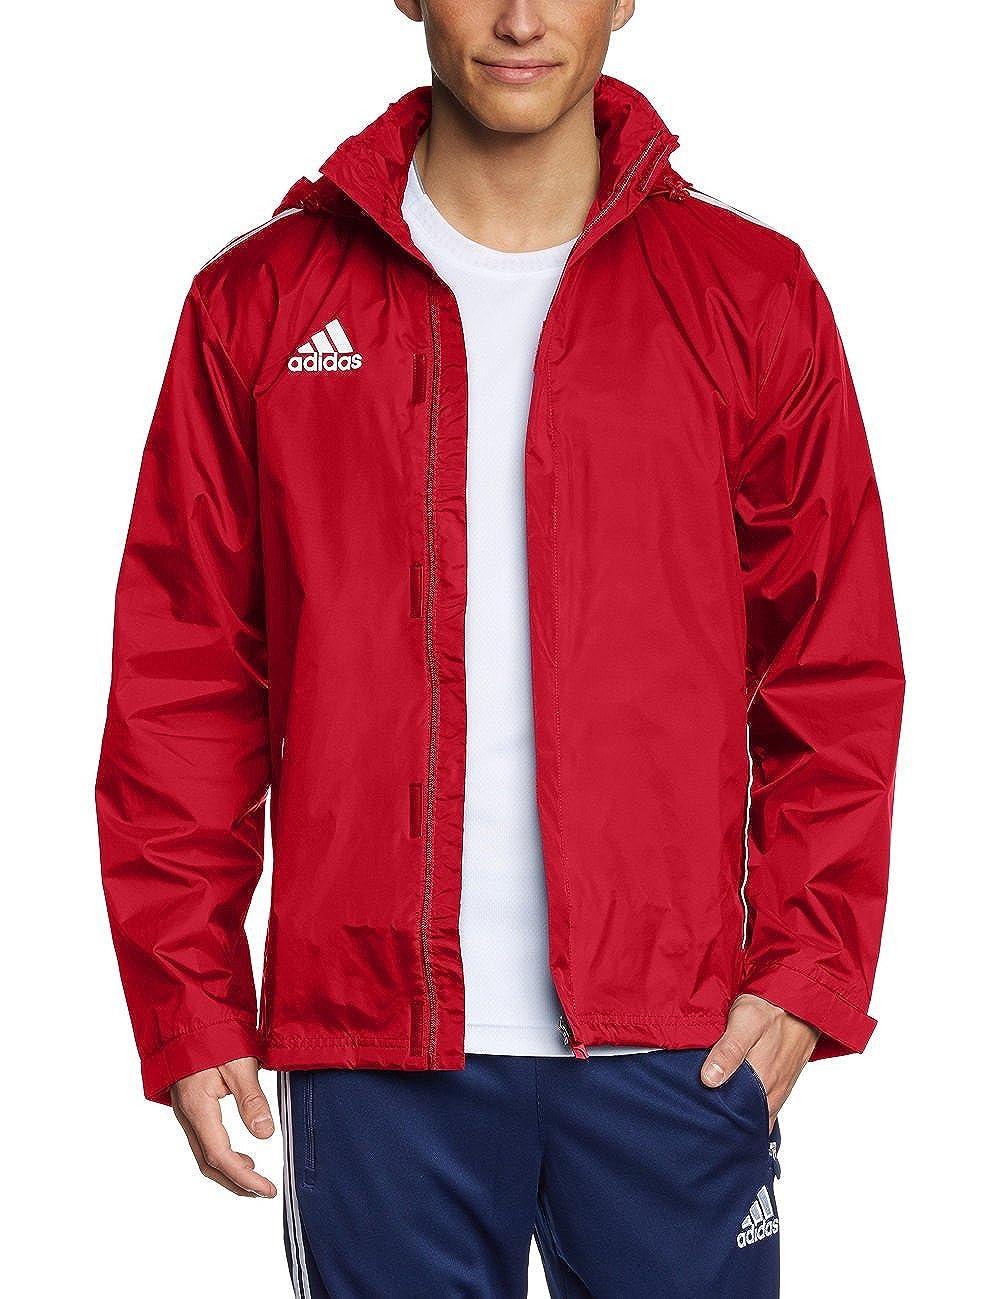 adidas uomo core 11 rain jacket